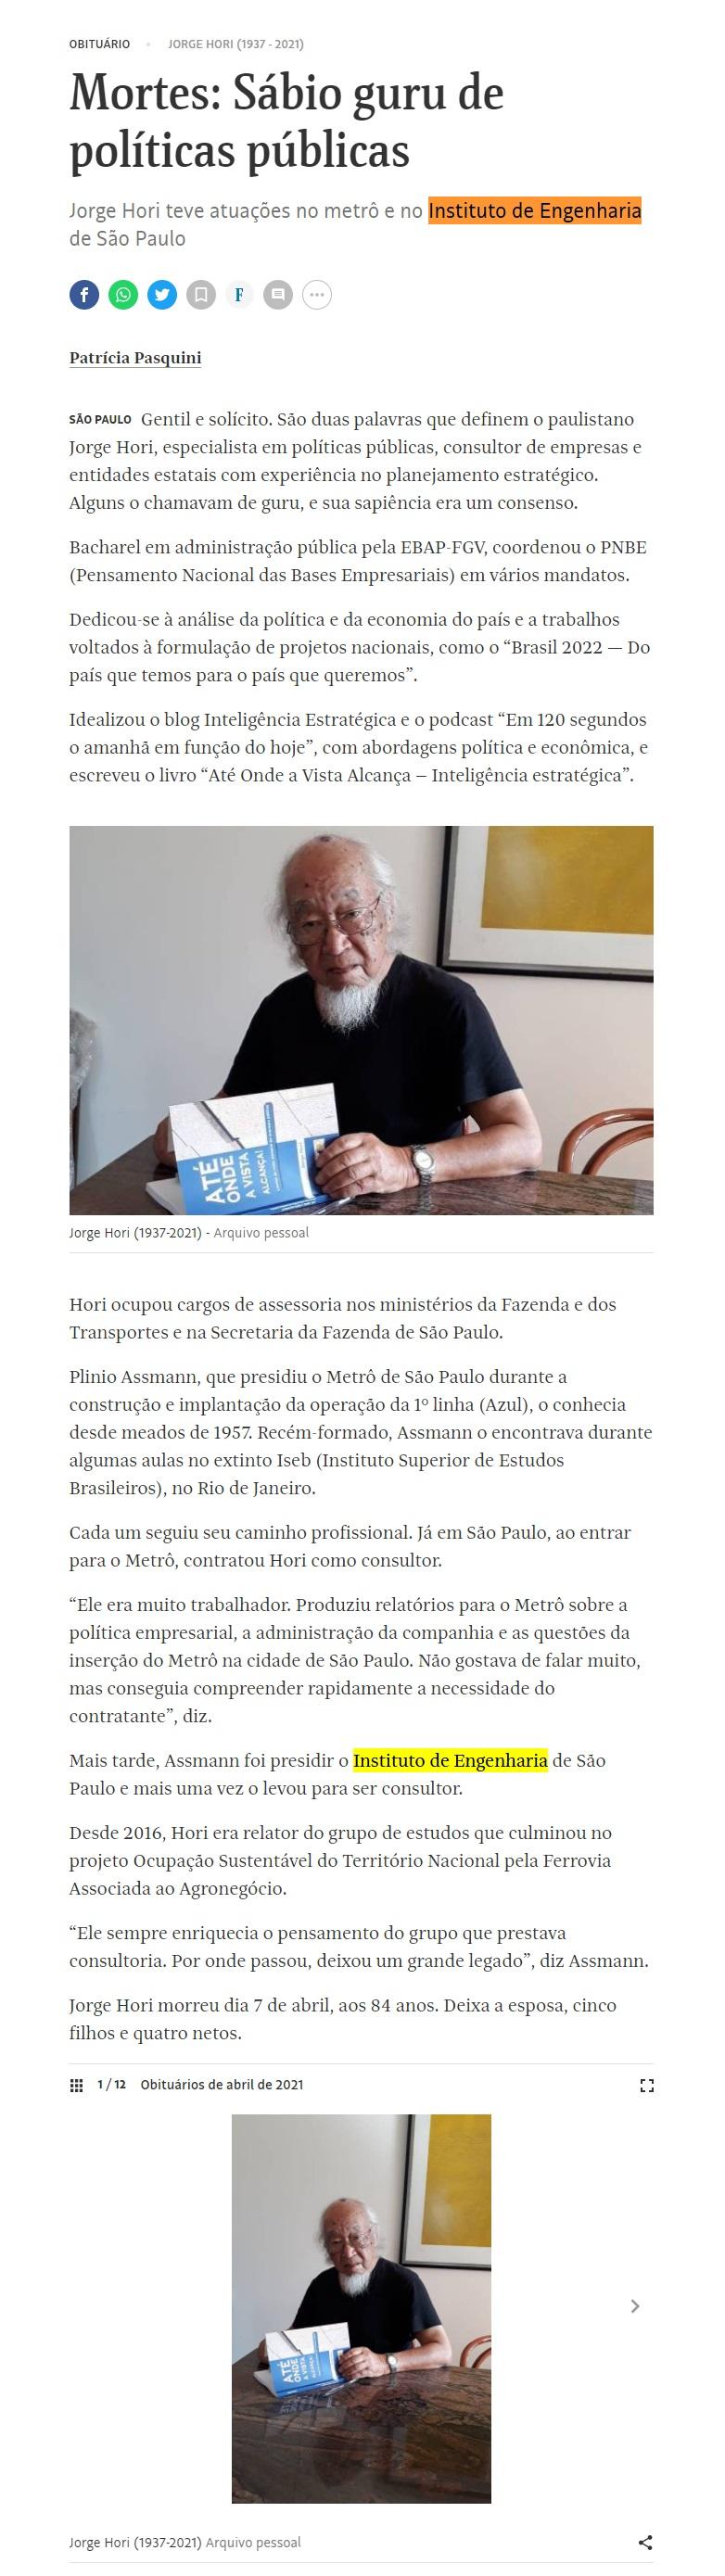 Mortes: Sábio guru de políticas públicas - Folha de S.Paulo